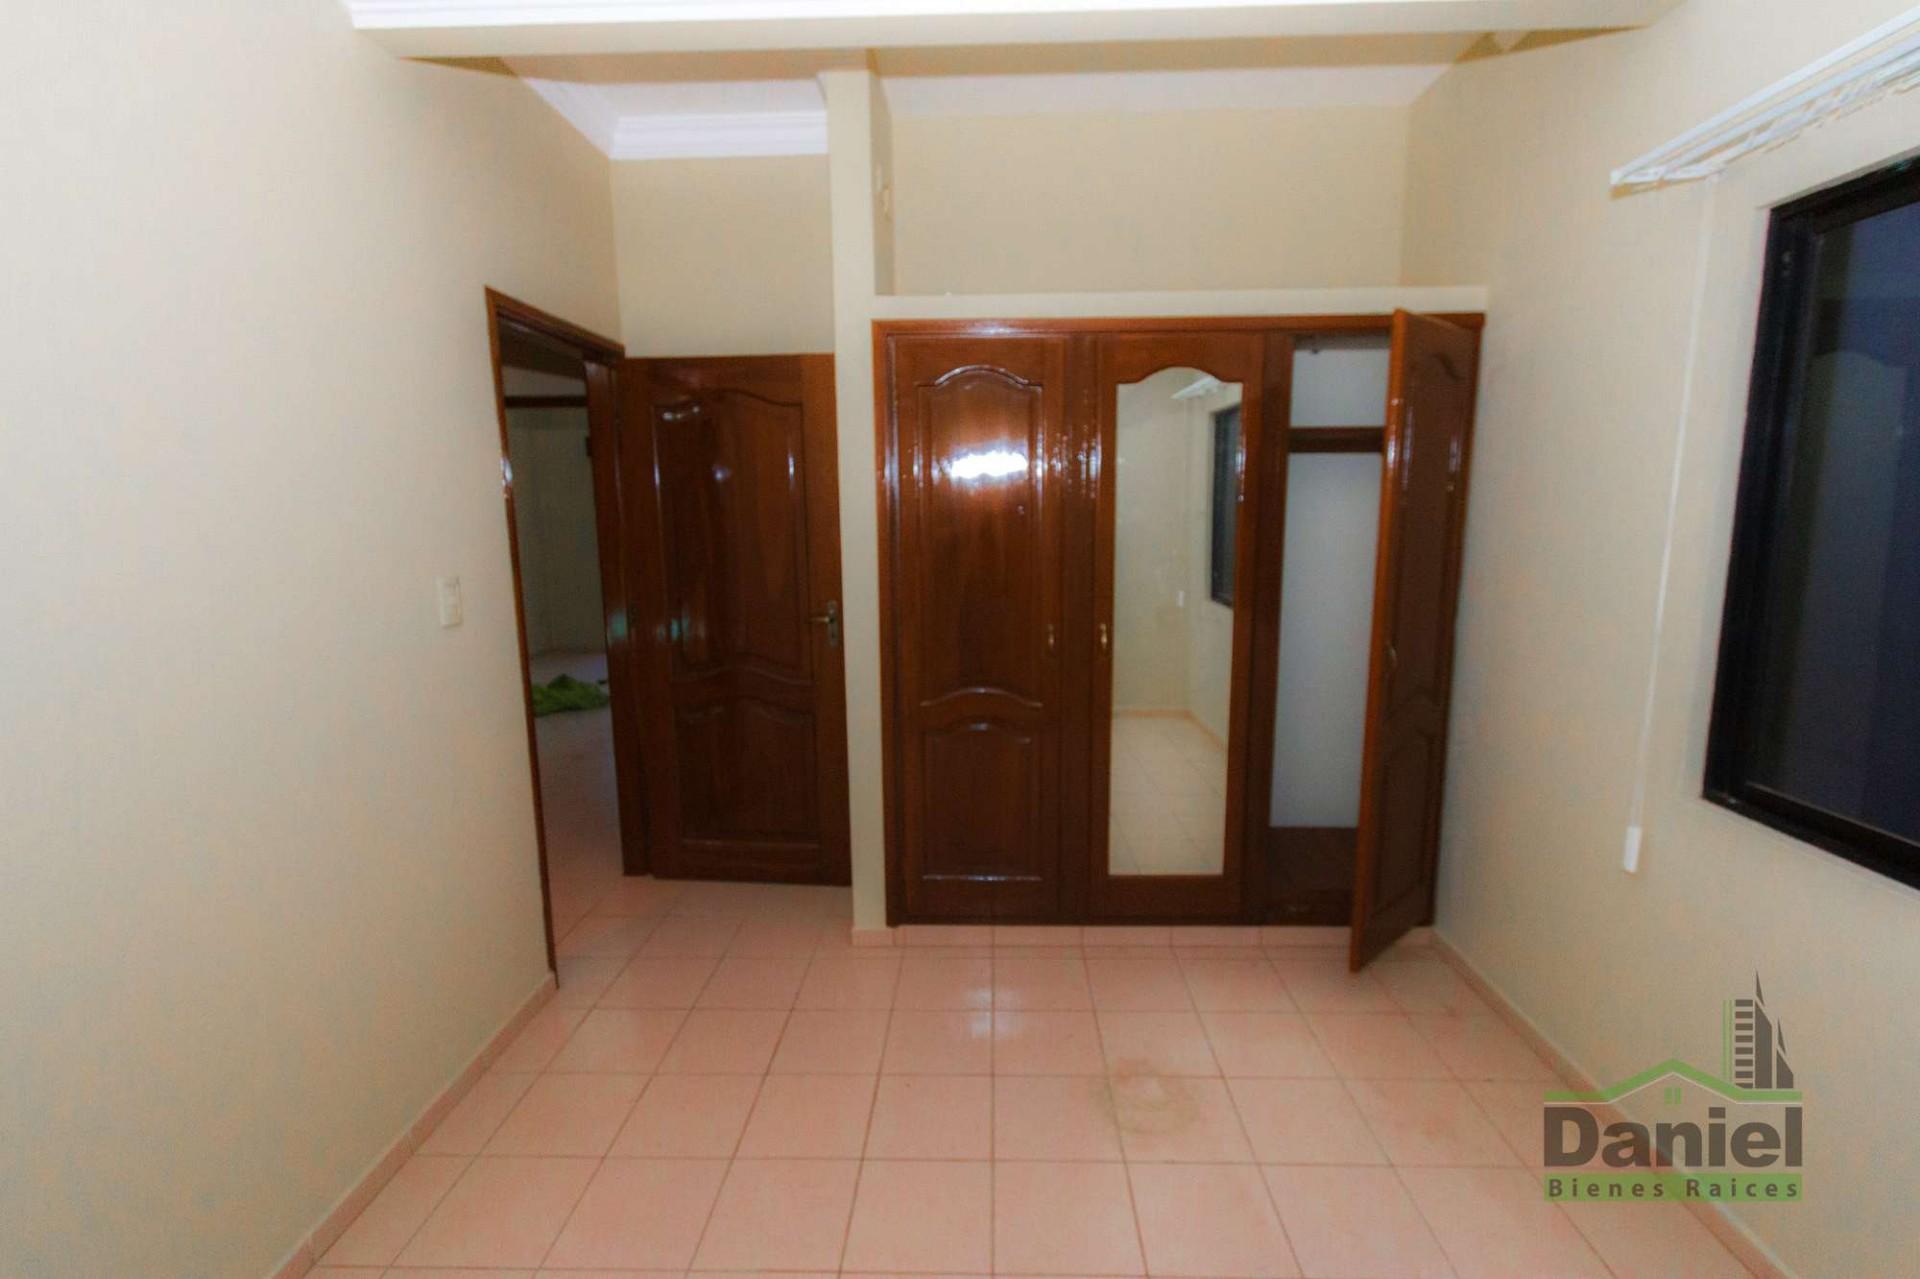 Casa en Venta CASA GRANDE ENTRE 4TO Y 5TO ANILLO RADIAL 27 Foto 12